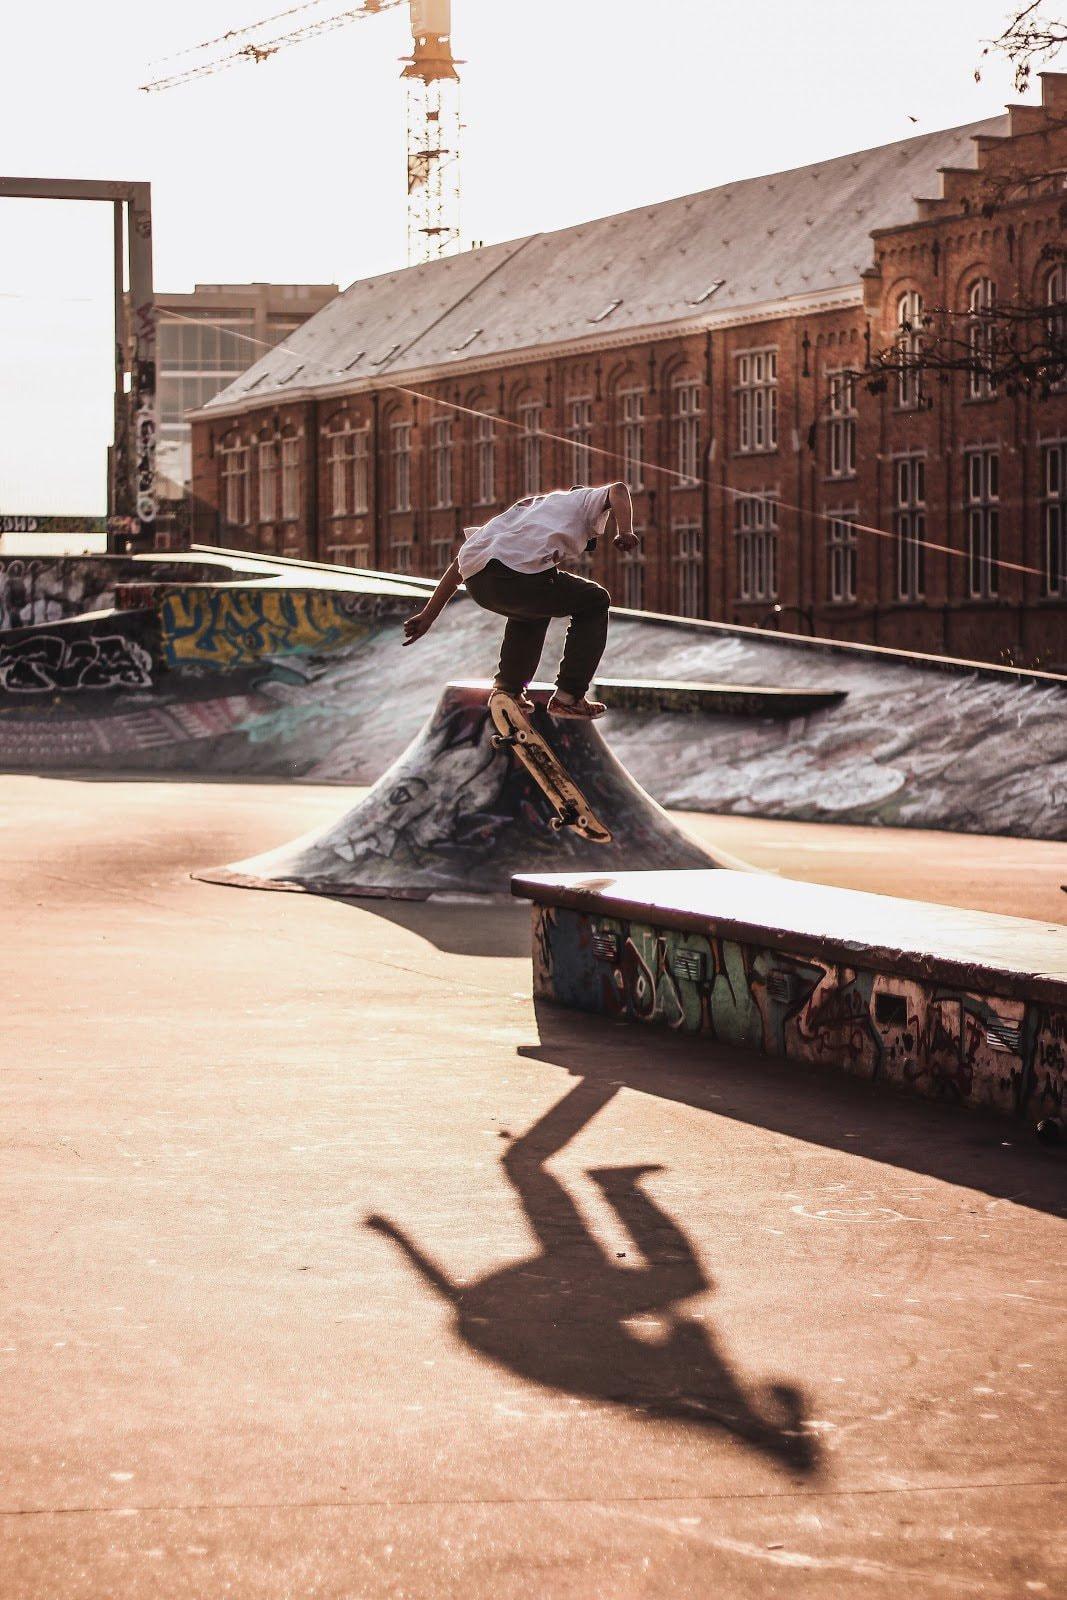 Skateboarder doing tricks by Inés Álvarez Fdez